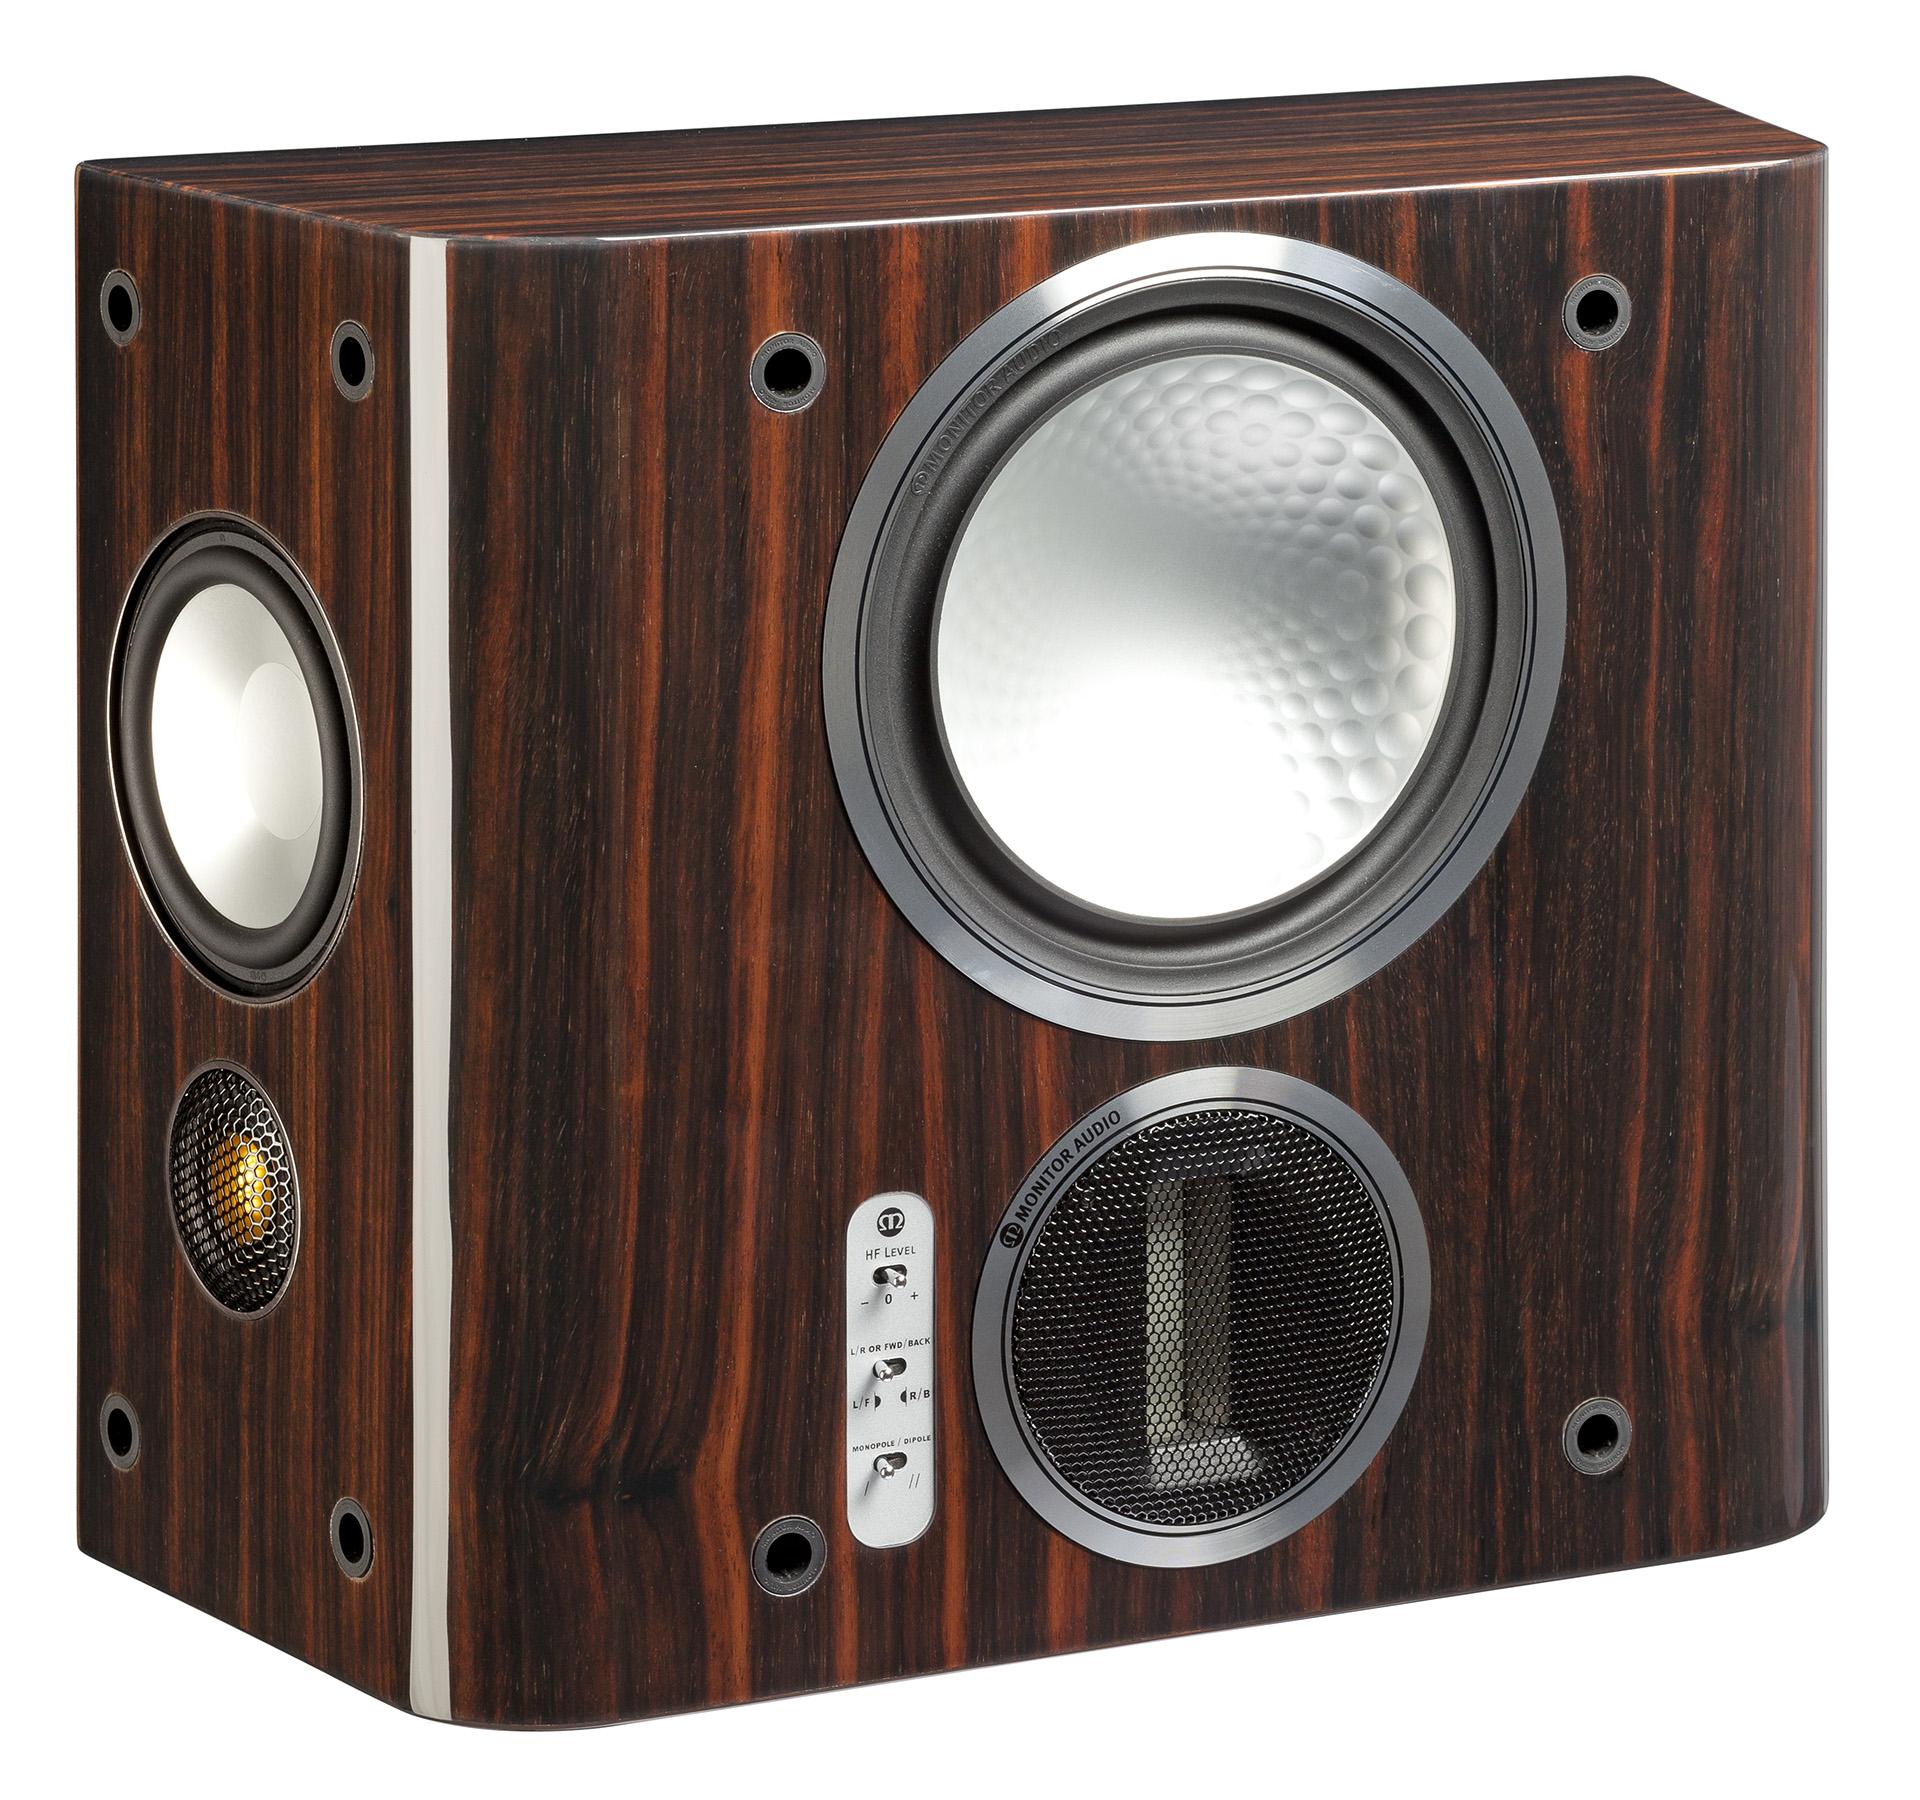 Эксклюзивная отделка Piano Ebony делает Monitor Audio Gold FX ещё более привлекательными